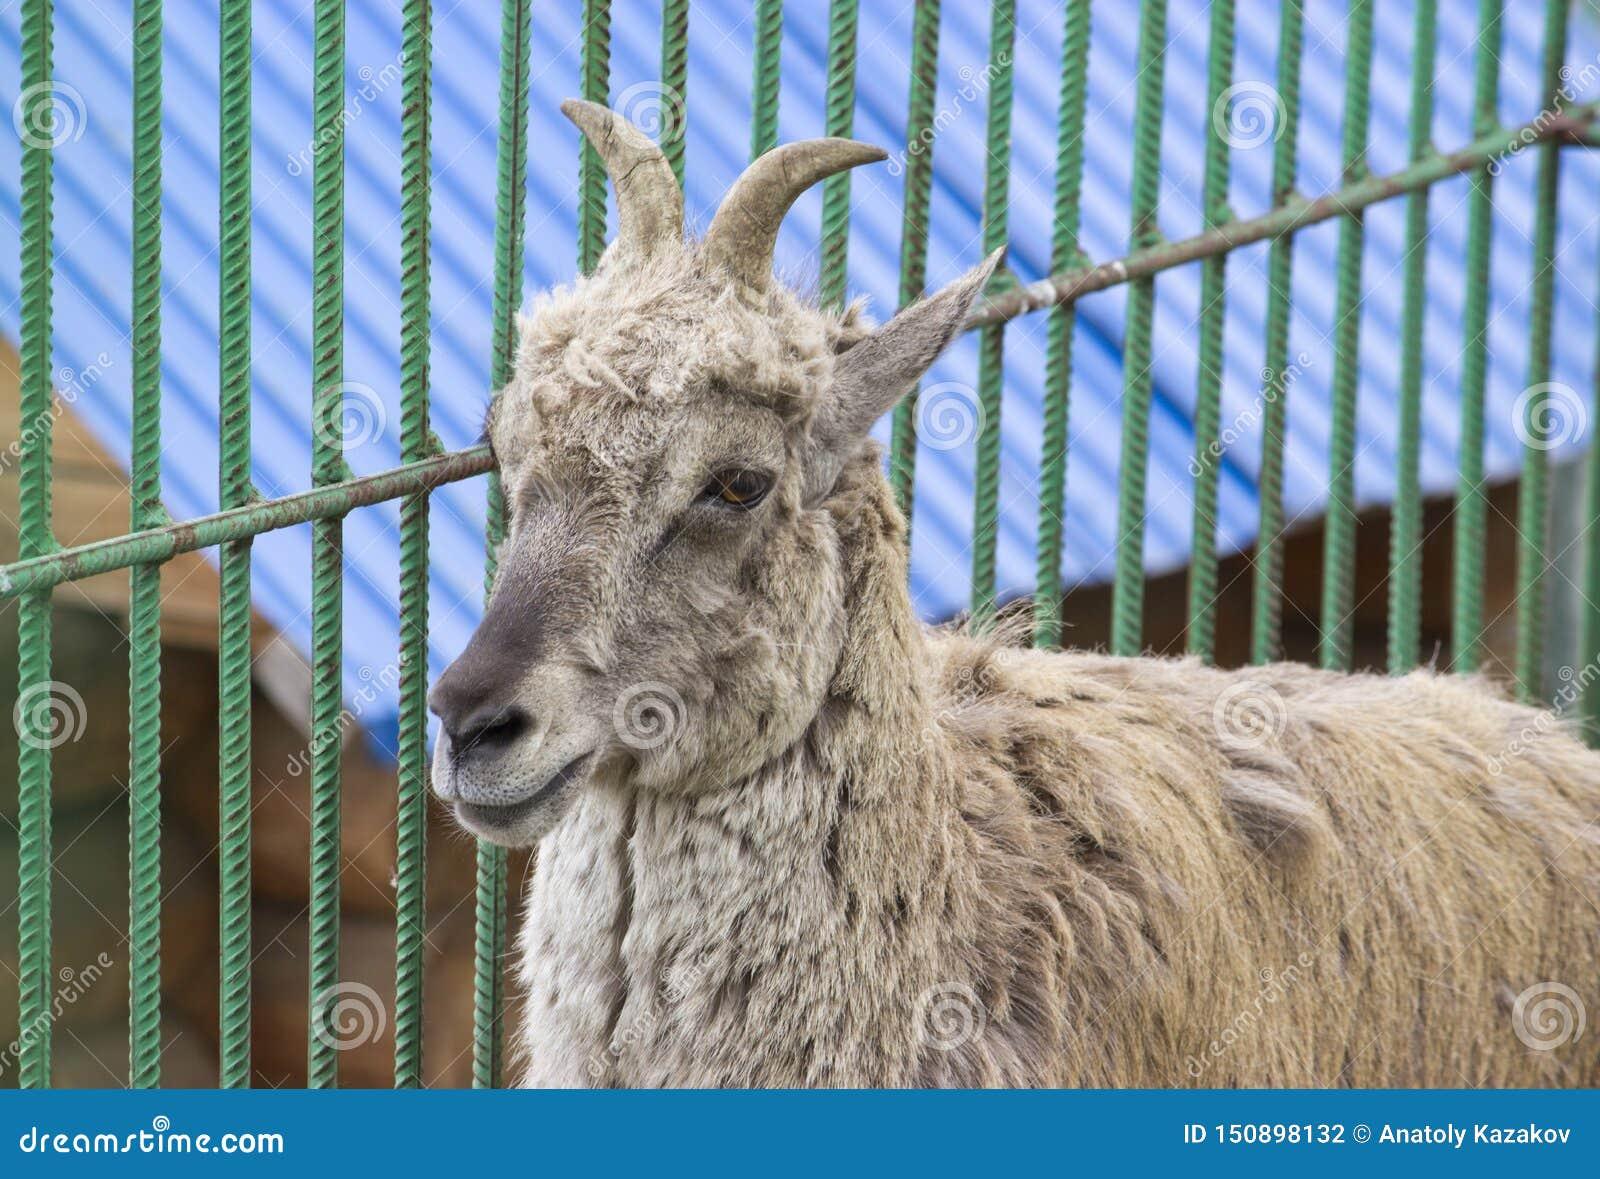 Himalayan blauwe schapen Pseudois nayaur, ook gekend als Nahur